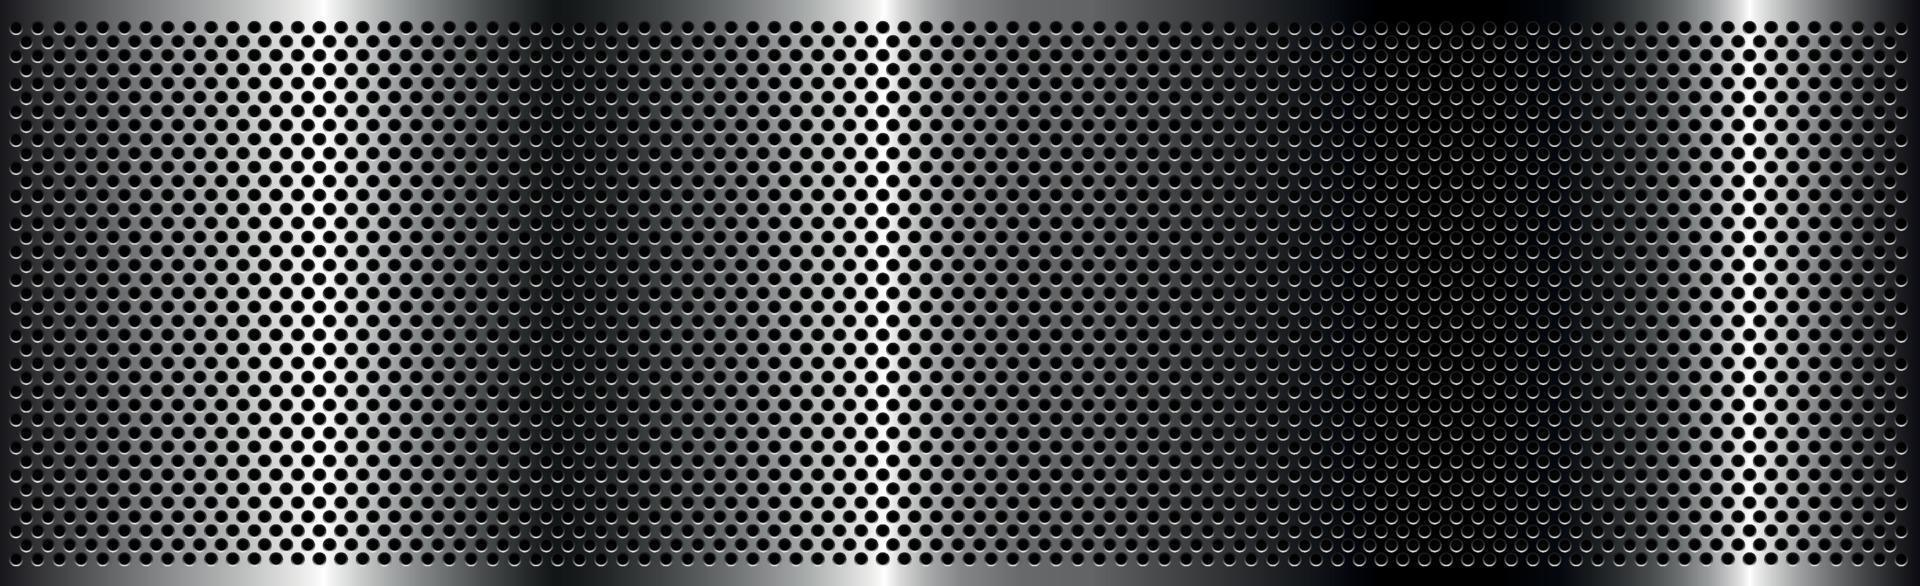 Hierro perforado plateado con reflejos blancos vector